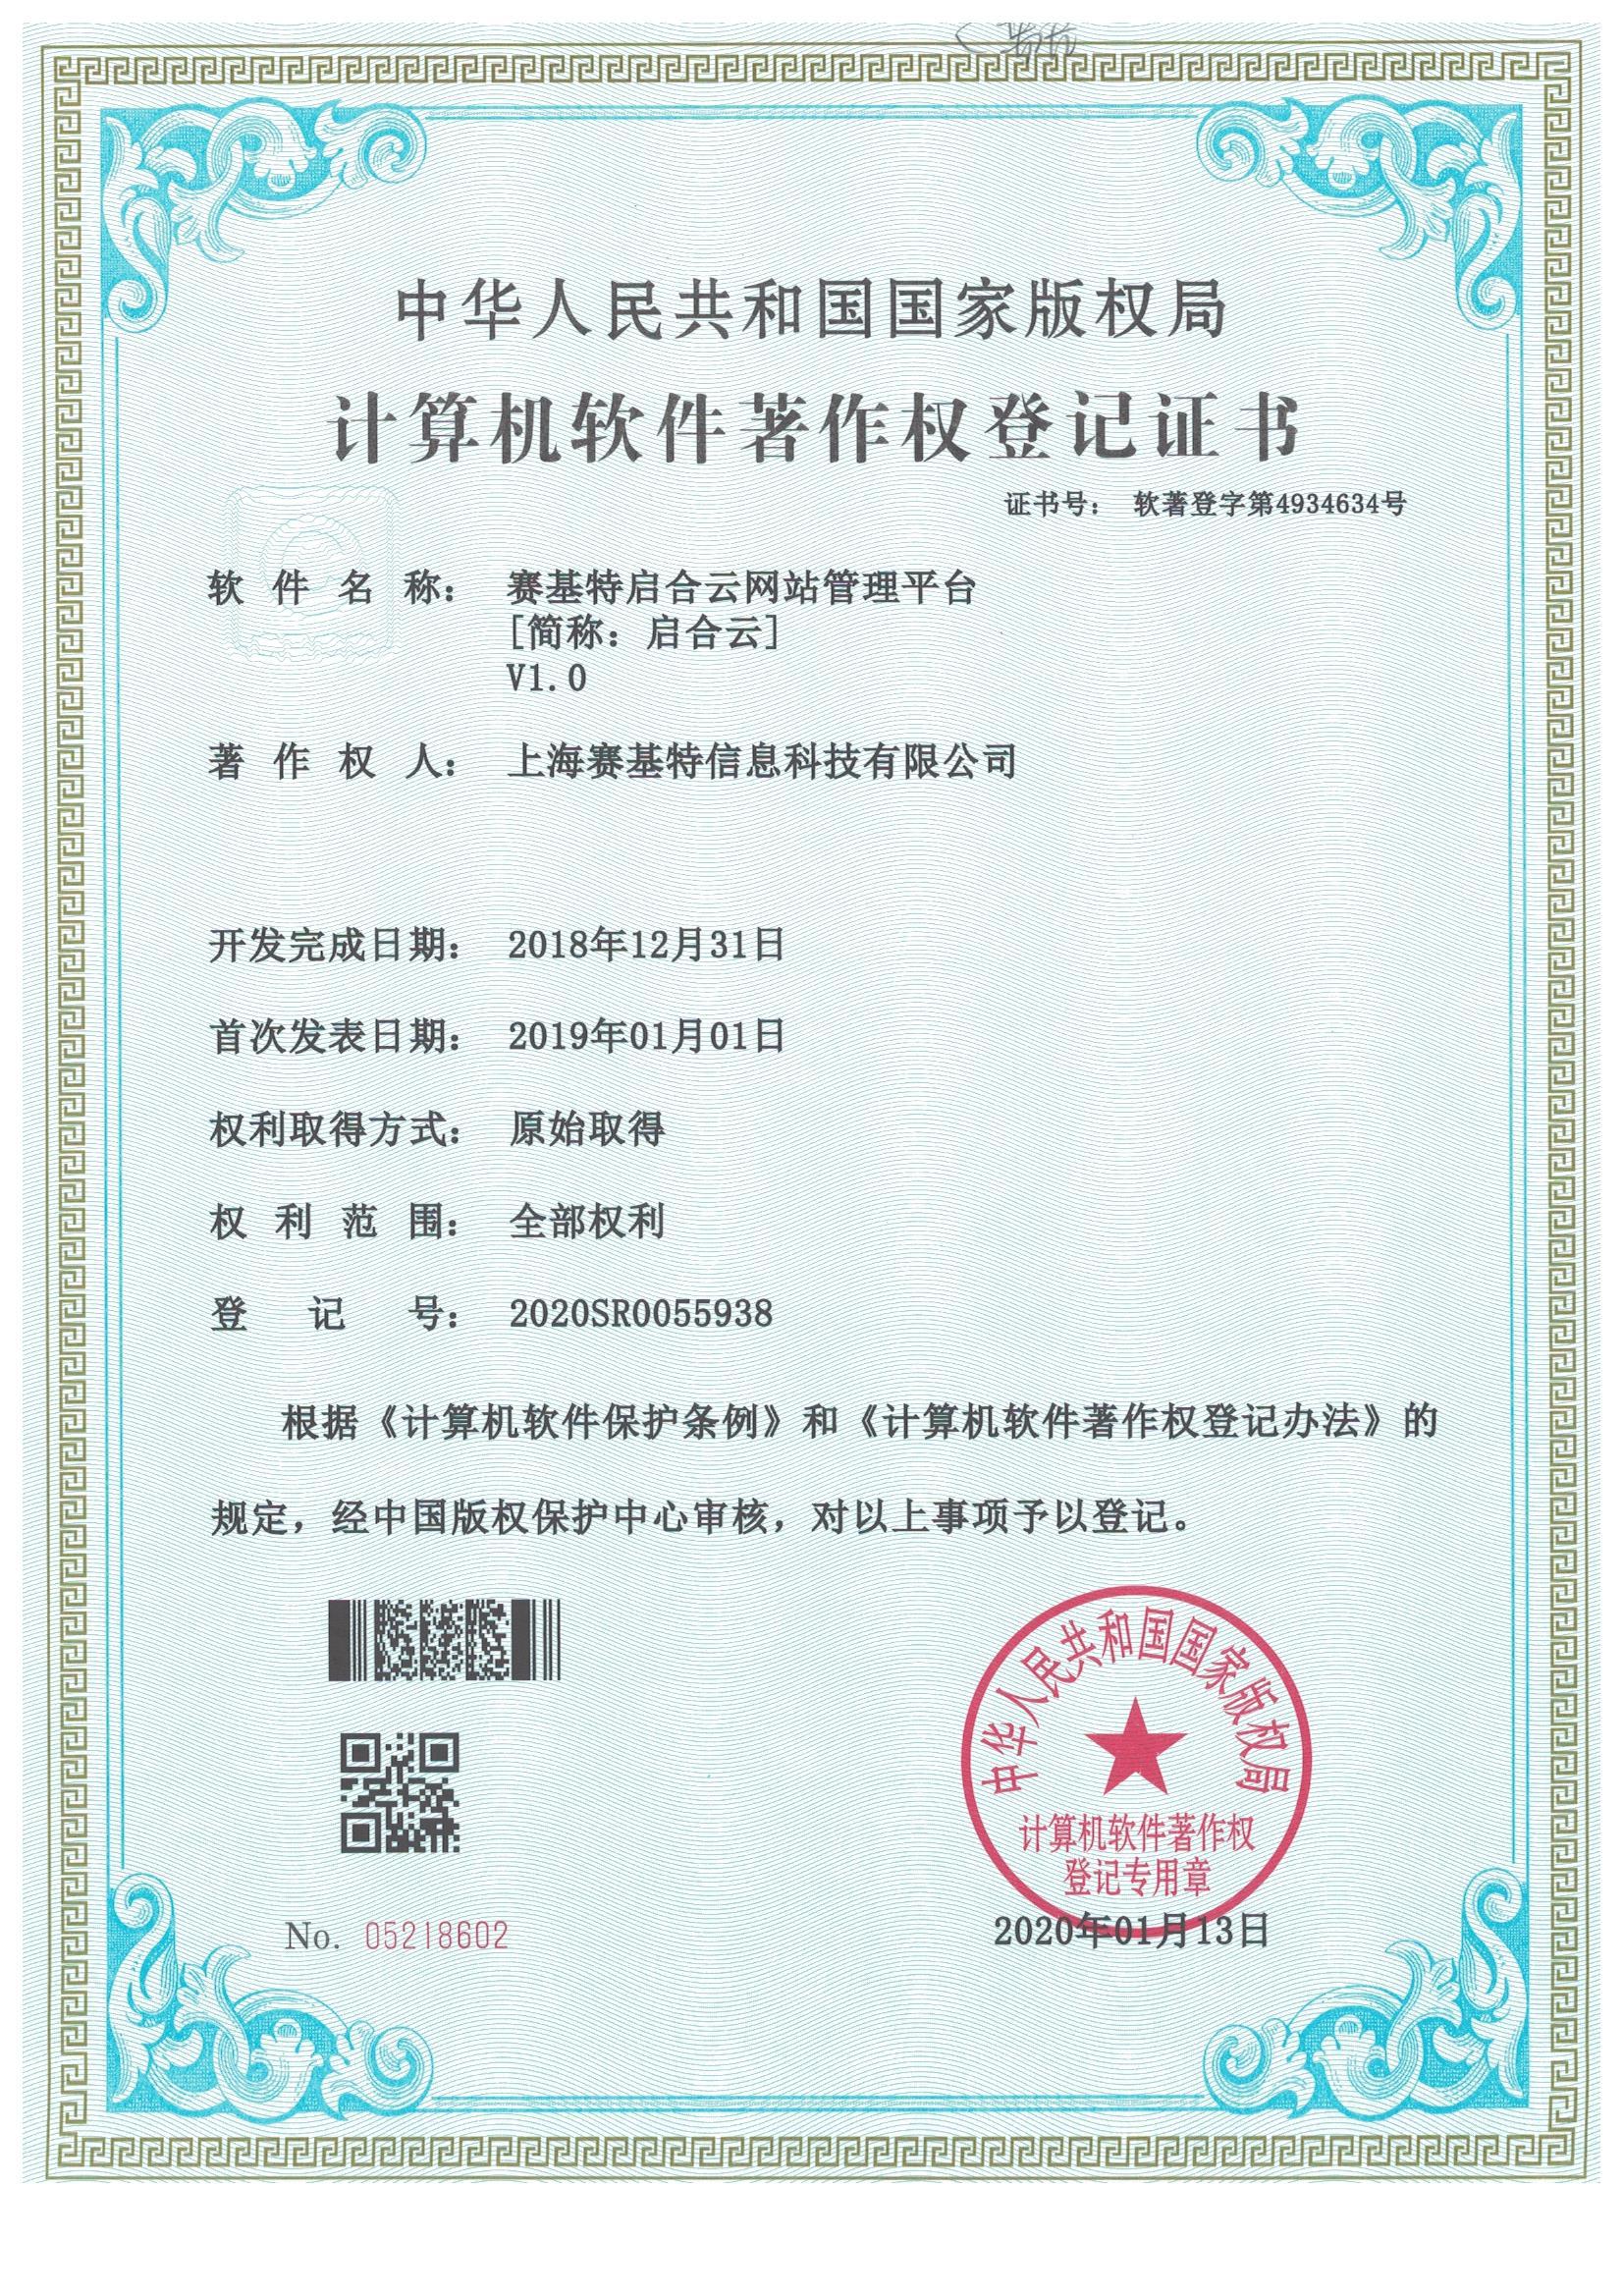 喜报|祝贺『启合云』软件著作权获批-上海赛基特信息科技有限公司